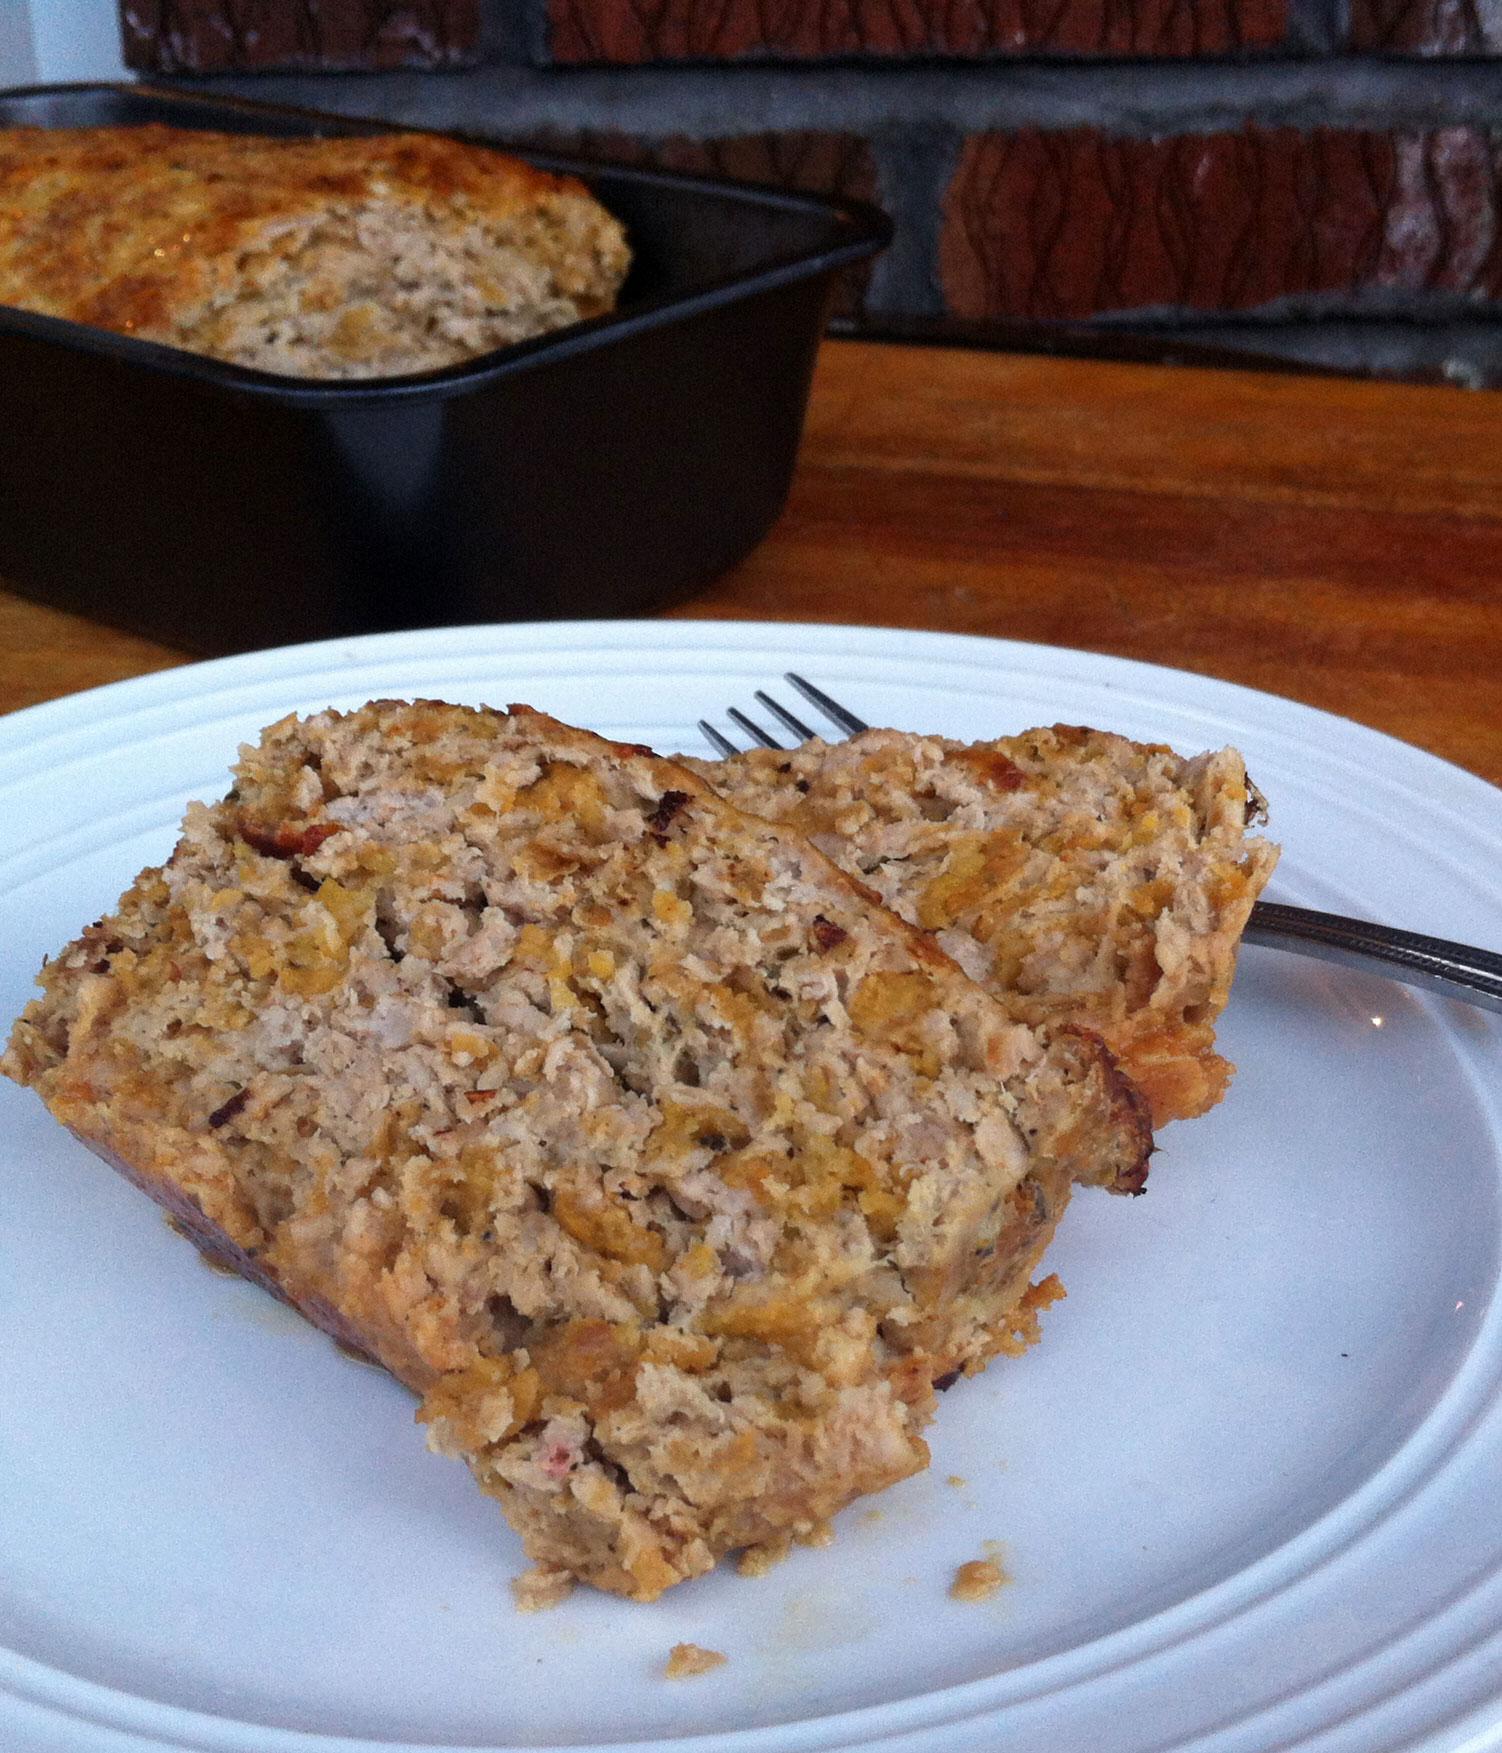 Recette de pain de viande au porc selon bob le chef l 39 anarchie culinaire - Portion de viande par personne ...